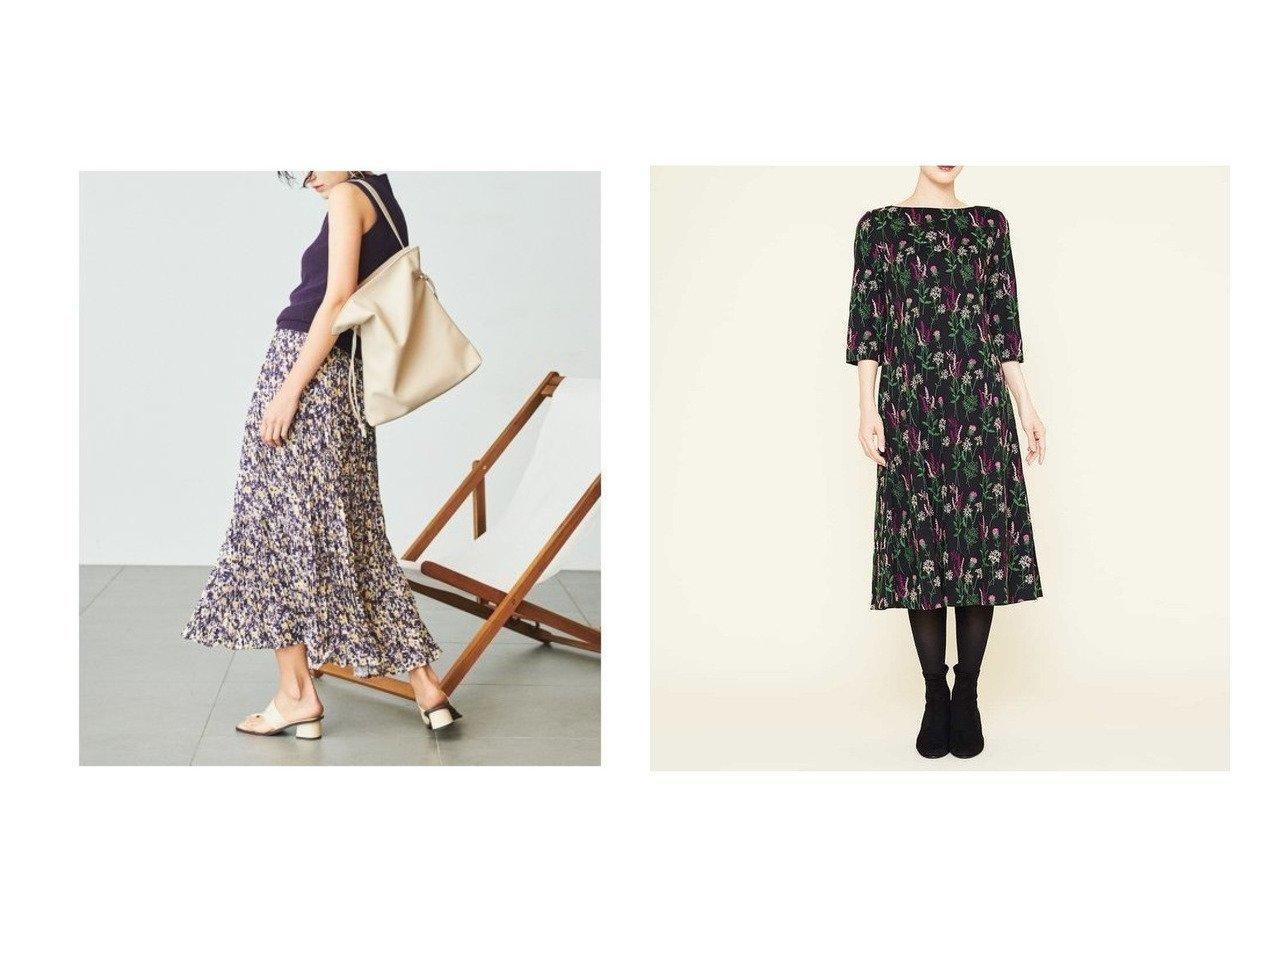 【Mila Owen/ミラオーウェン】のハイネックニットドッキングワッシャーワンピース&【SYBILLA/シビラ】のフラワー刺繍ジャージードレス ワンピース・ドレスのおすすめ!人気、レディースファッションの通販 おすすめで人気のファッション通販商品 インテリア・家具・キッズファッション・メンズファッション・レディースファッション・服の通販 founy(ファニー) https://founy.com/ ファッション Fashion レディース WOMEN ワンピース Dress ドレス Party Dresses スマート セパレート ダウン デニム ノースリーブ ブラウジング ワッシャー アンダー エレガント ジャージー ドレス フィット フラワー フレア |ID:crp329100000001829